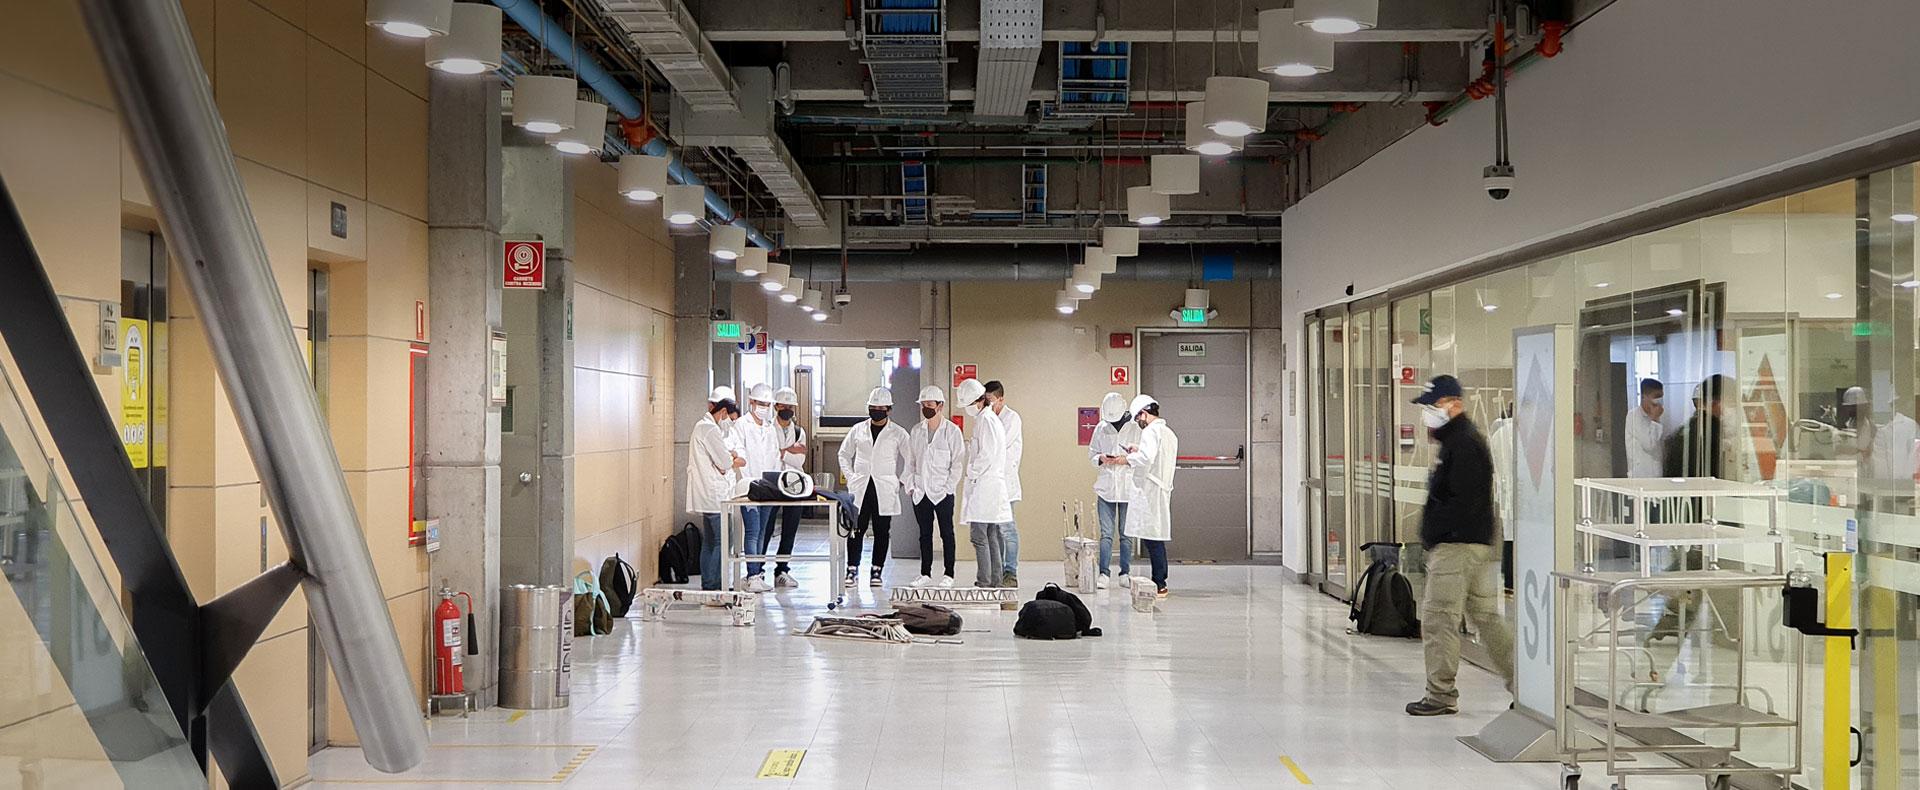 Universitarios en laboratorio conversando